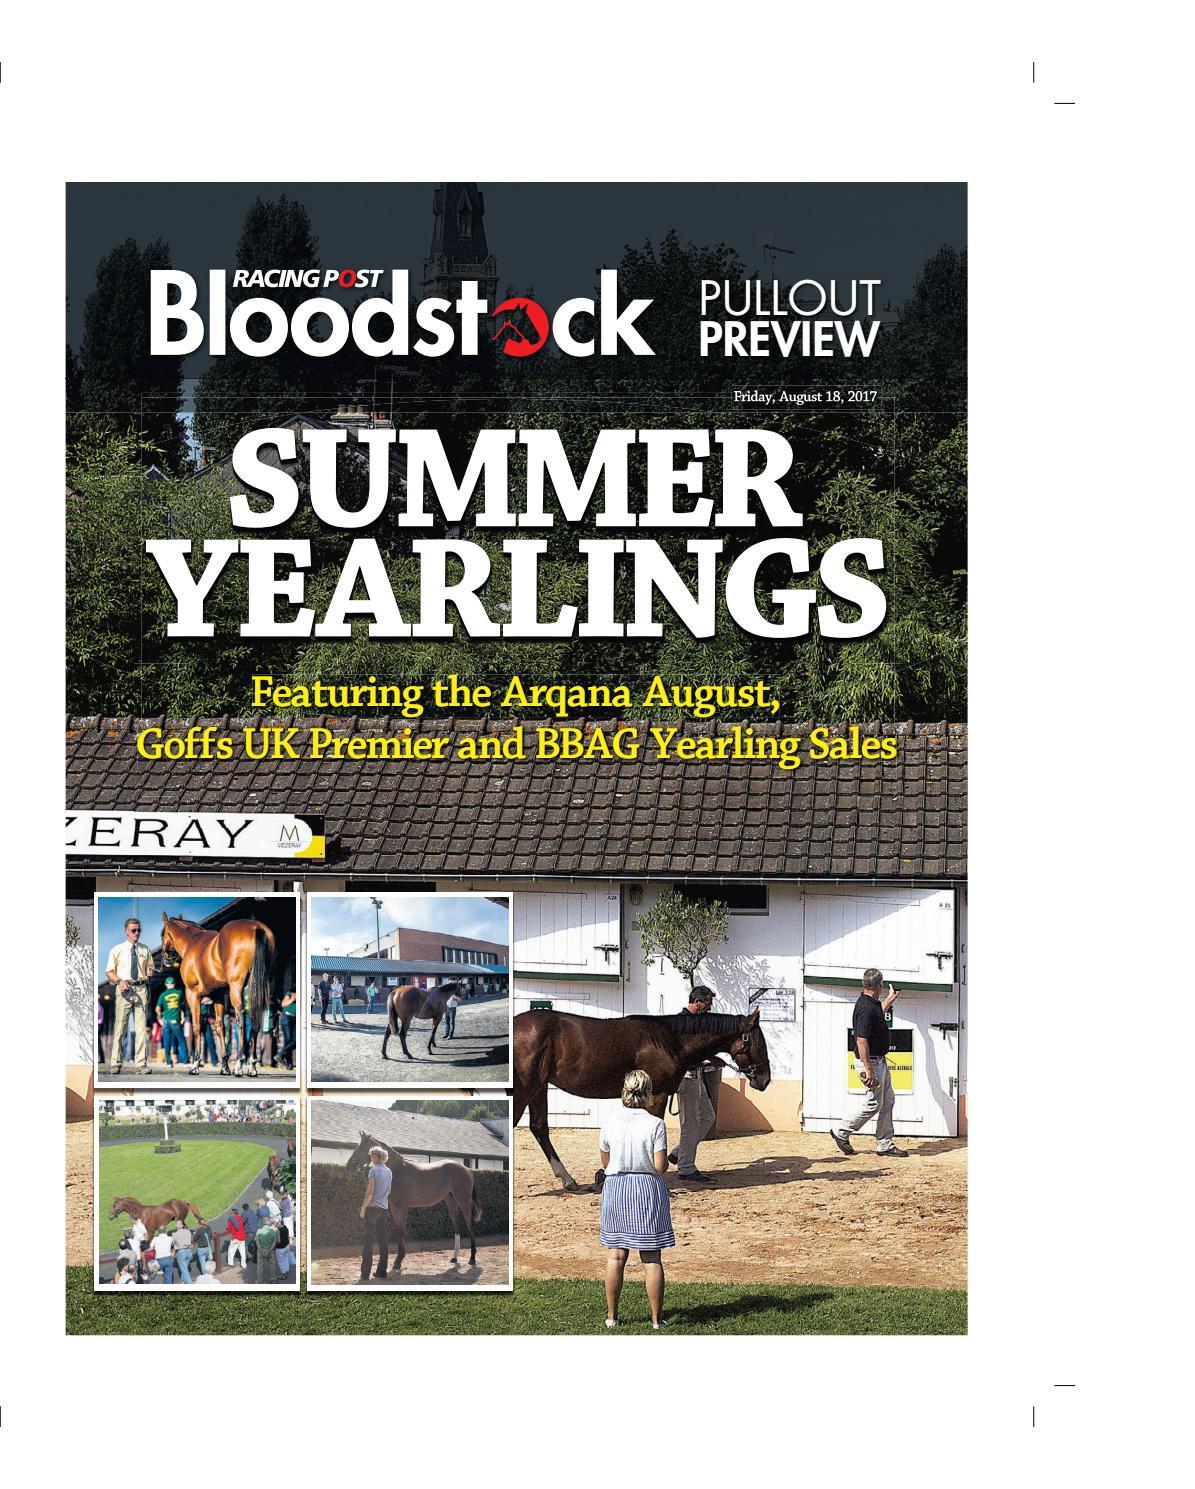 Ardes Morpheo 411.Summer Yearlings 2017 By Racing Post Bloodstock Issuu